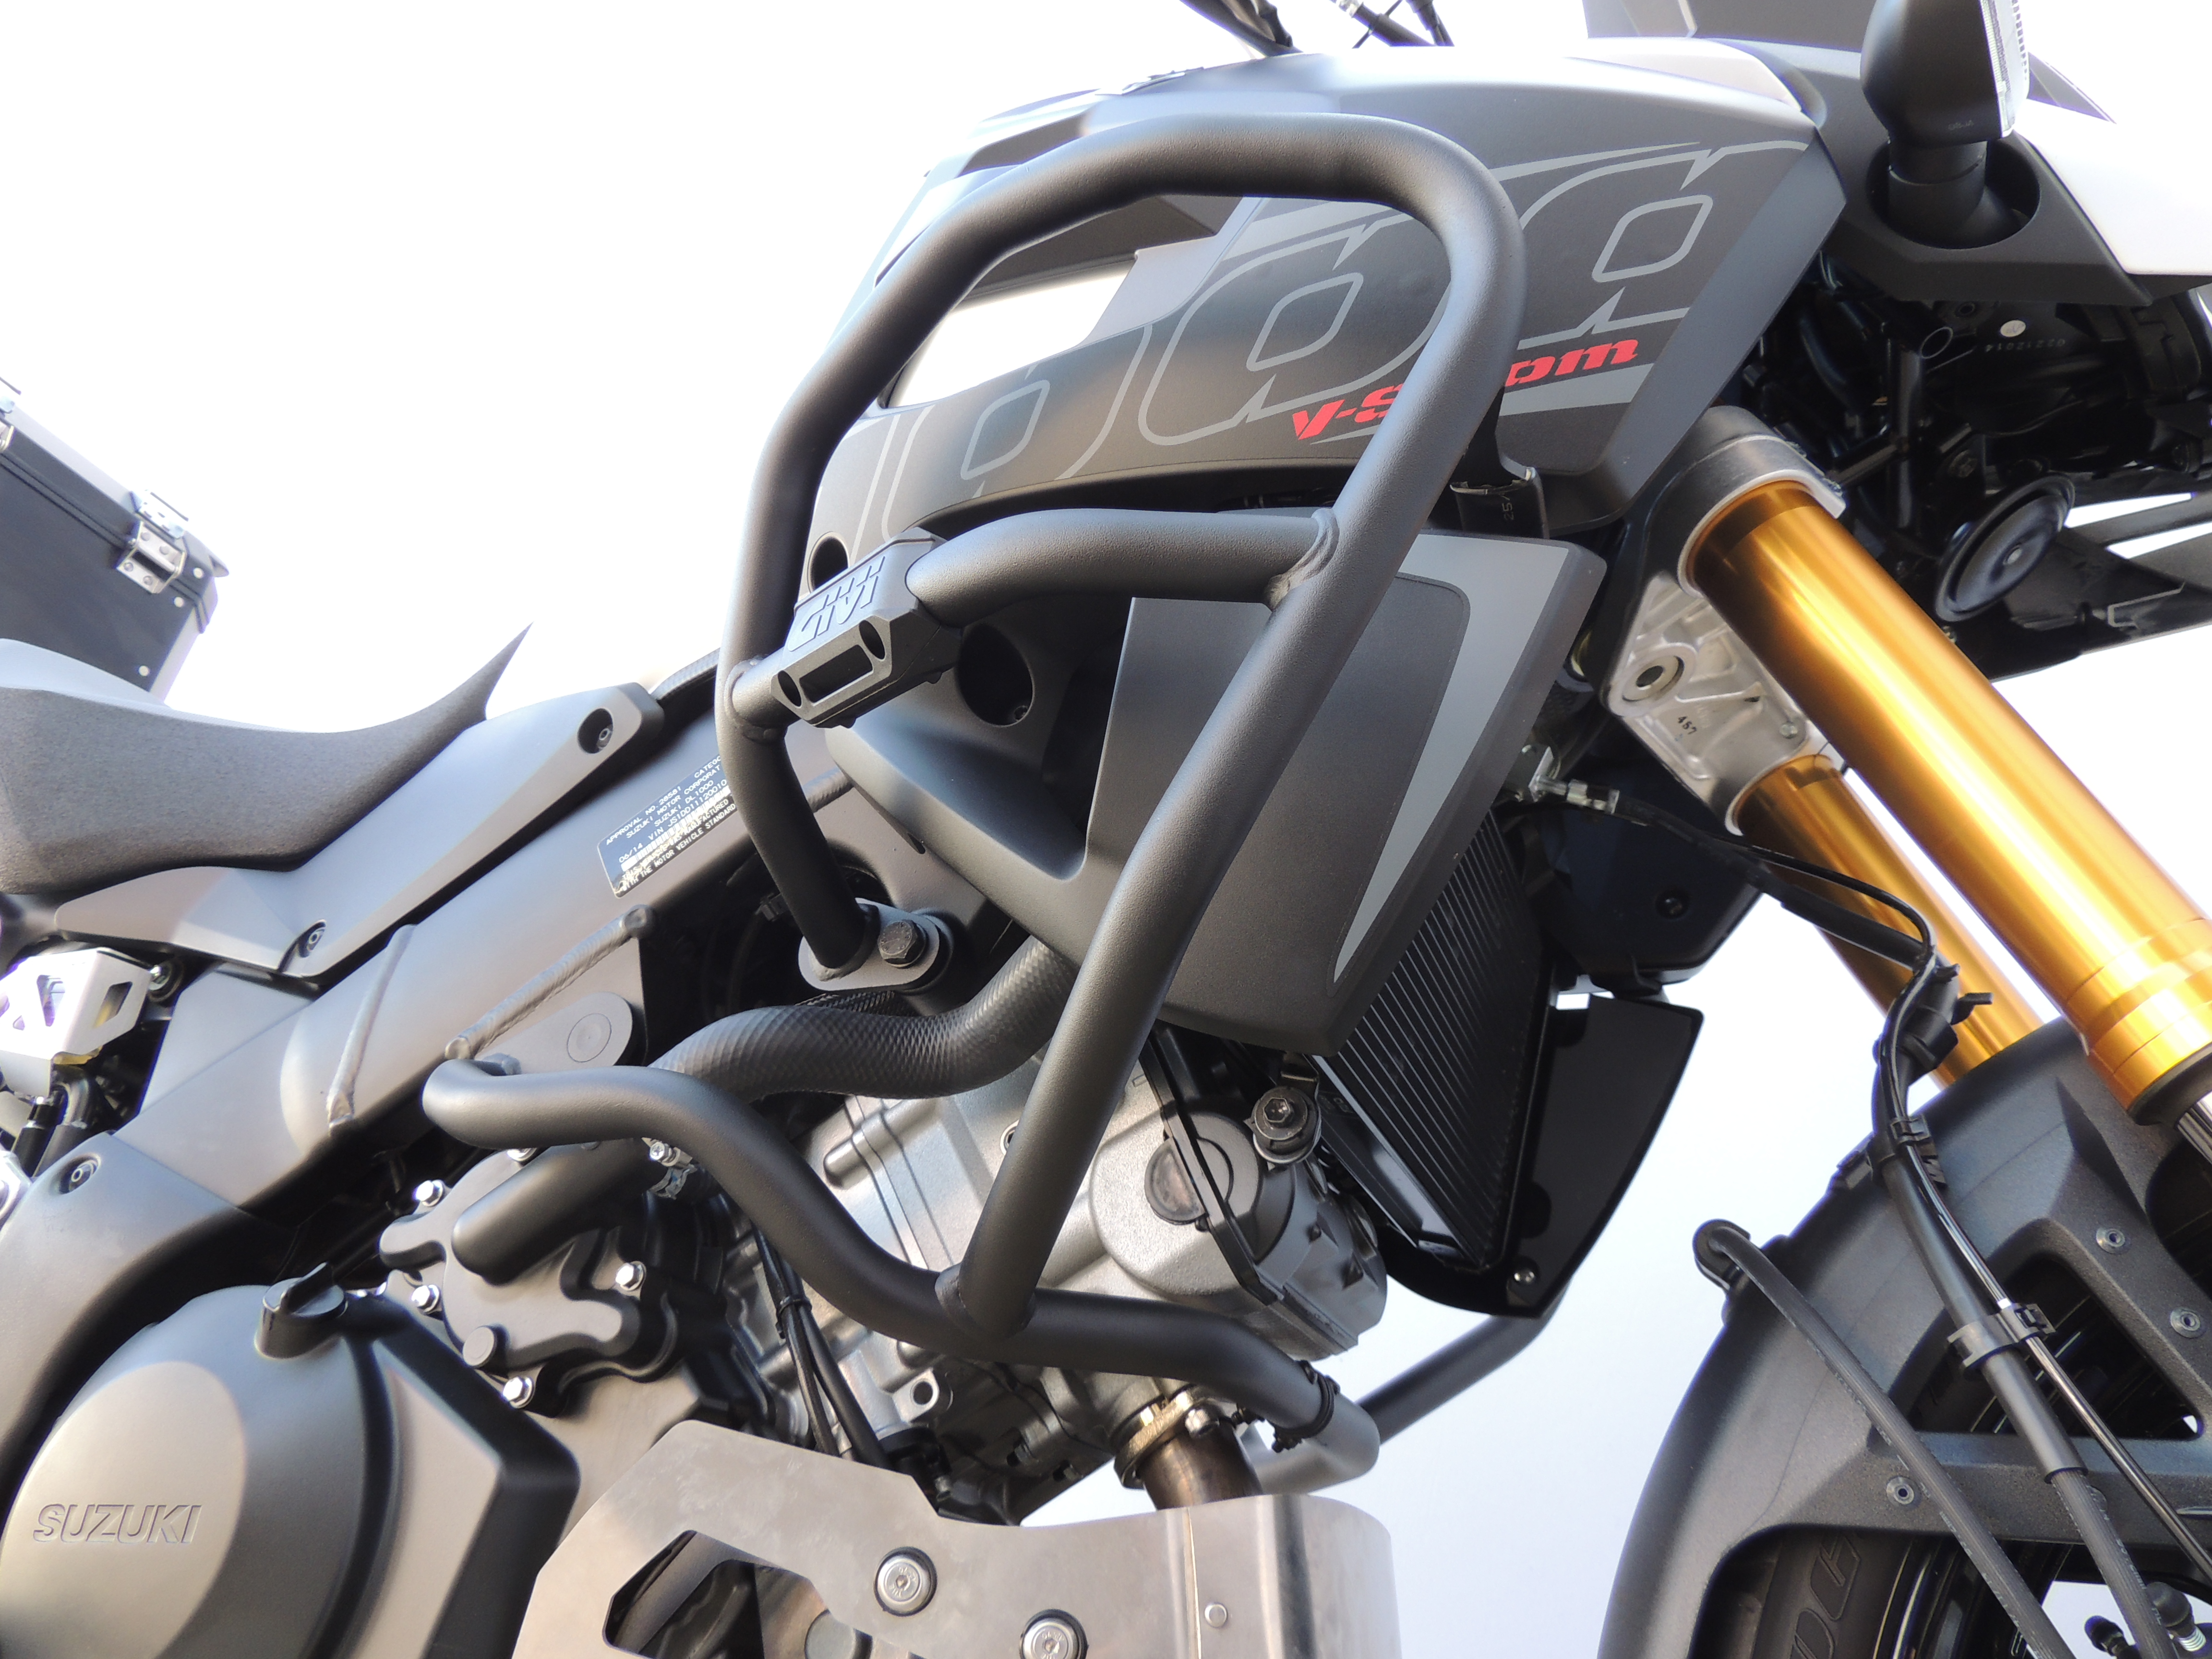 Tn3105 Crashbars